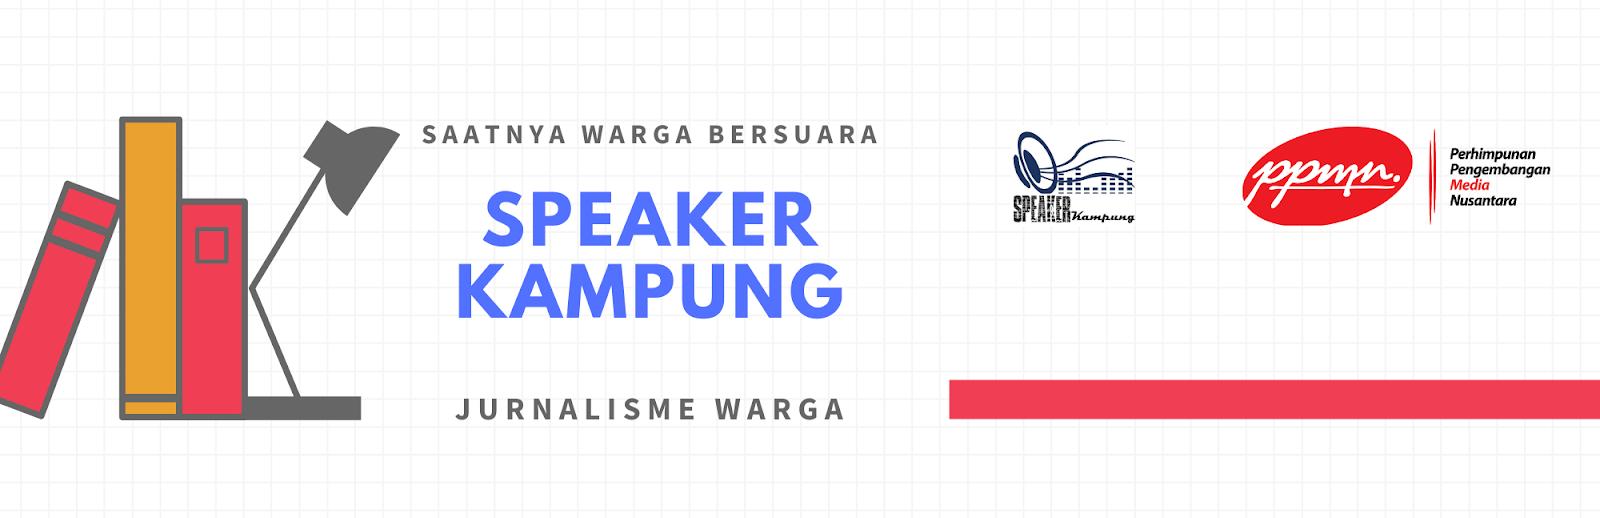 Speaker Kampung